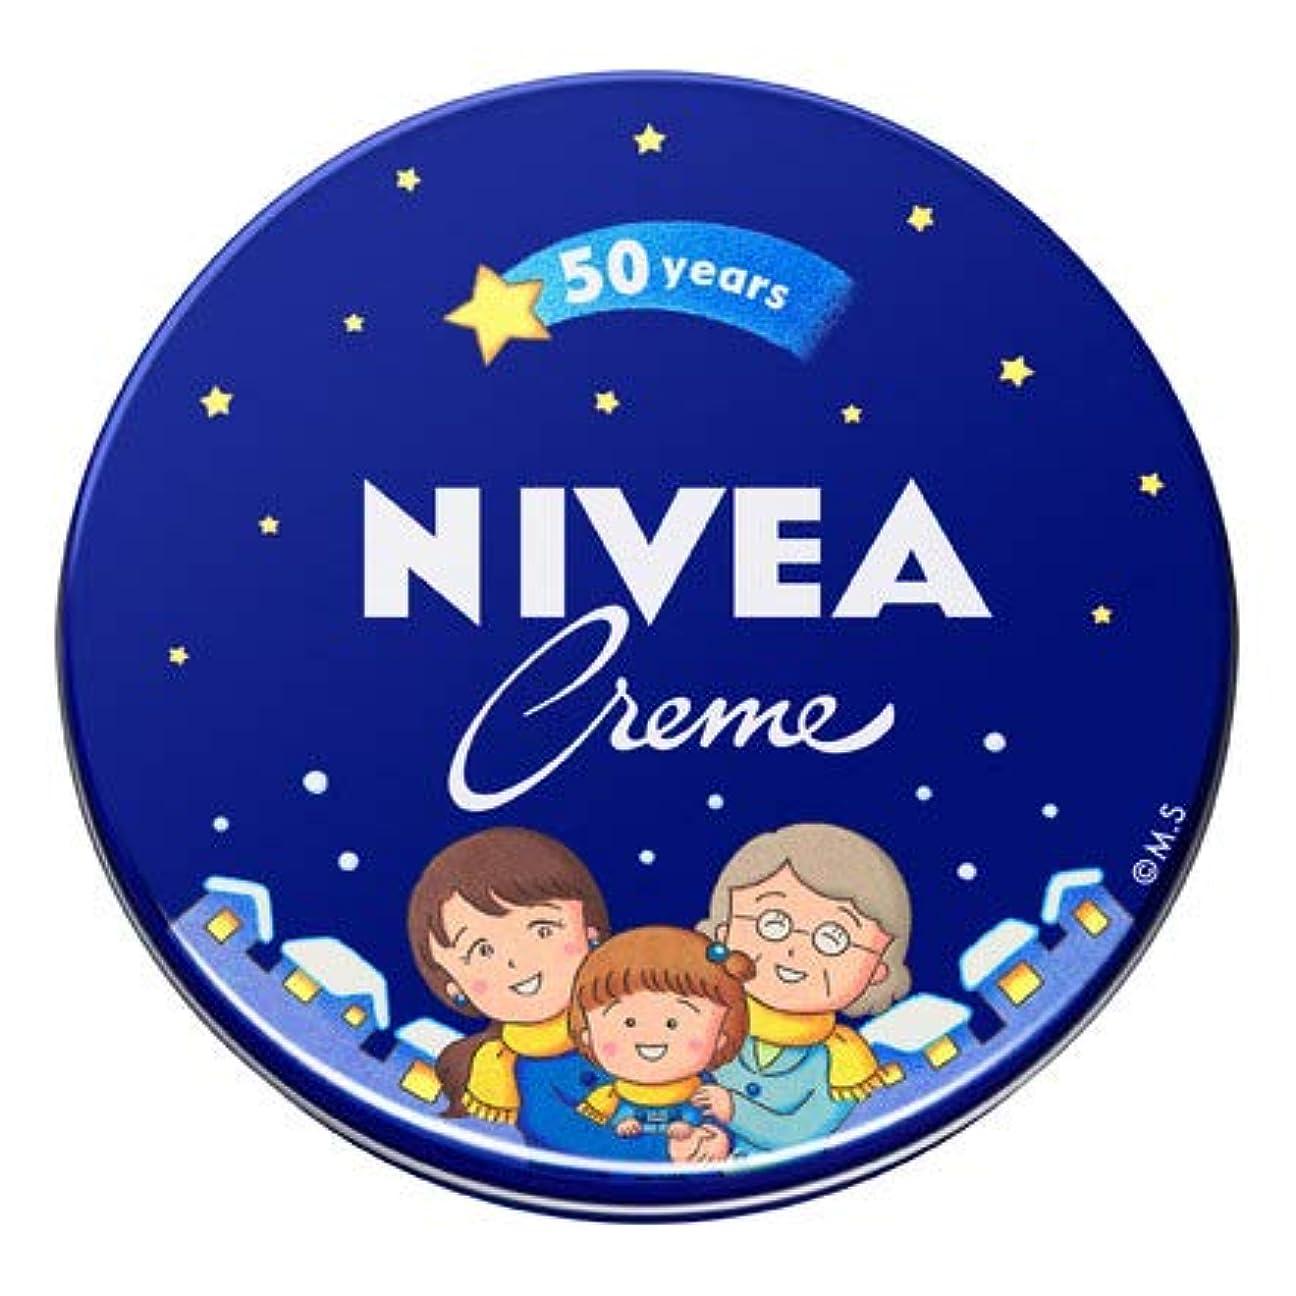 クック日焼け孤独NIVEA ニベアクリーム 中缶 56g さくらももこ限定デザイン